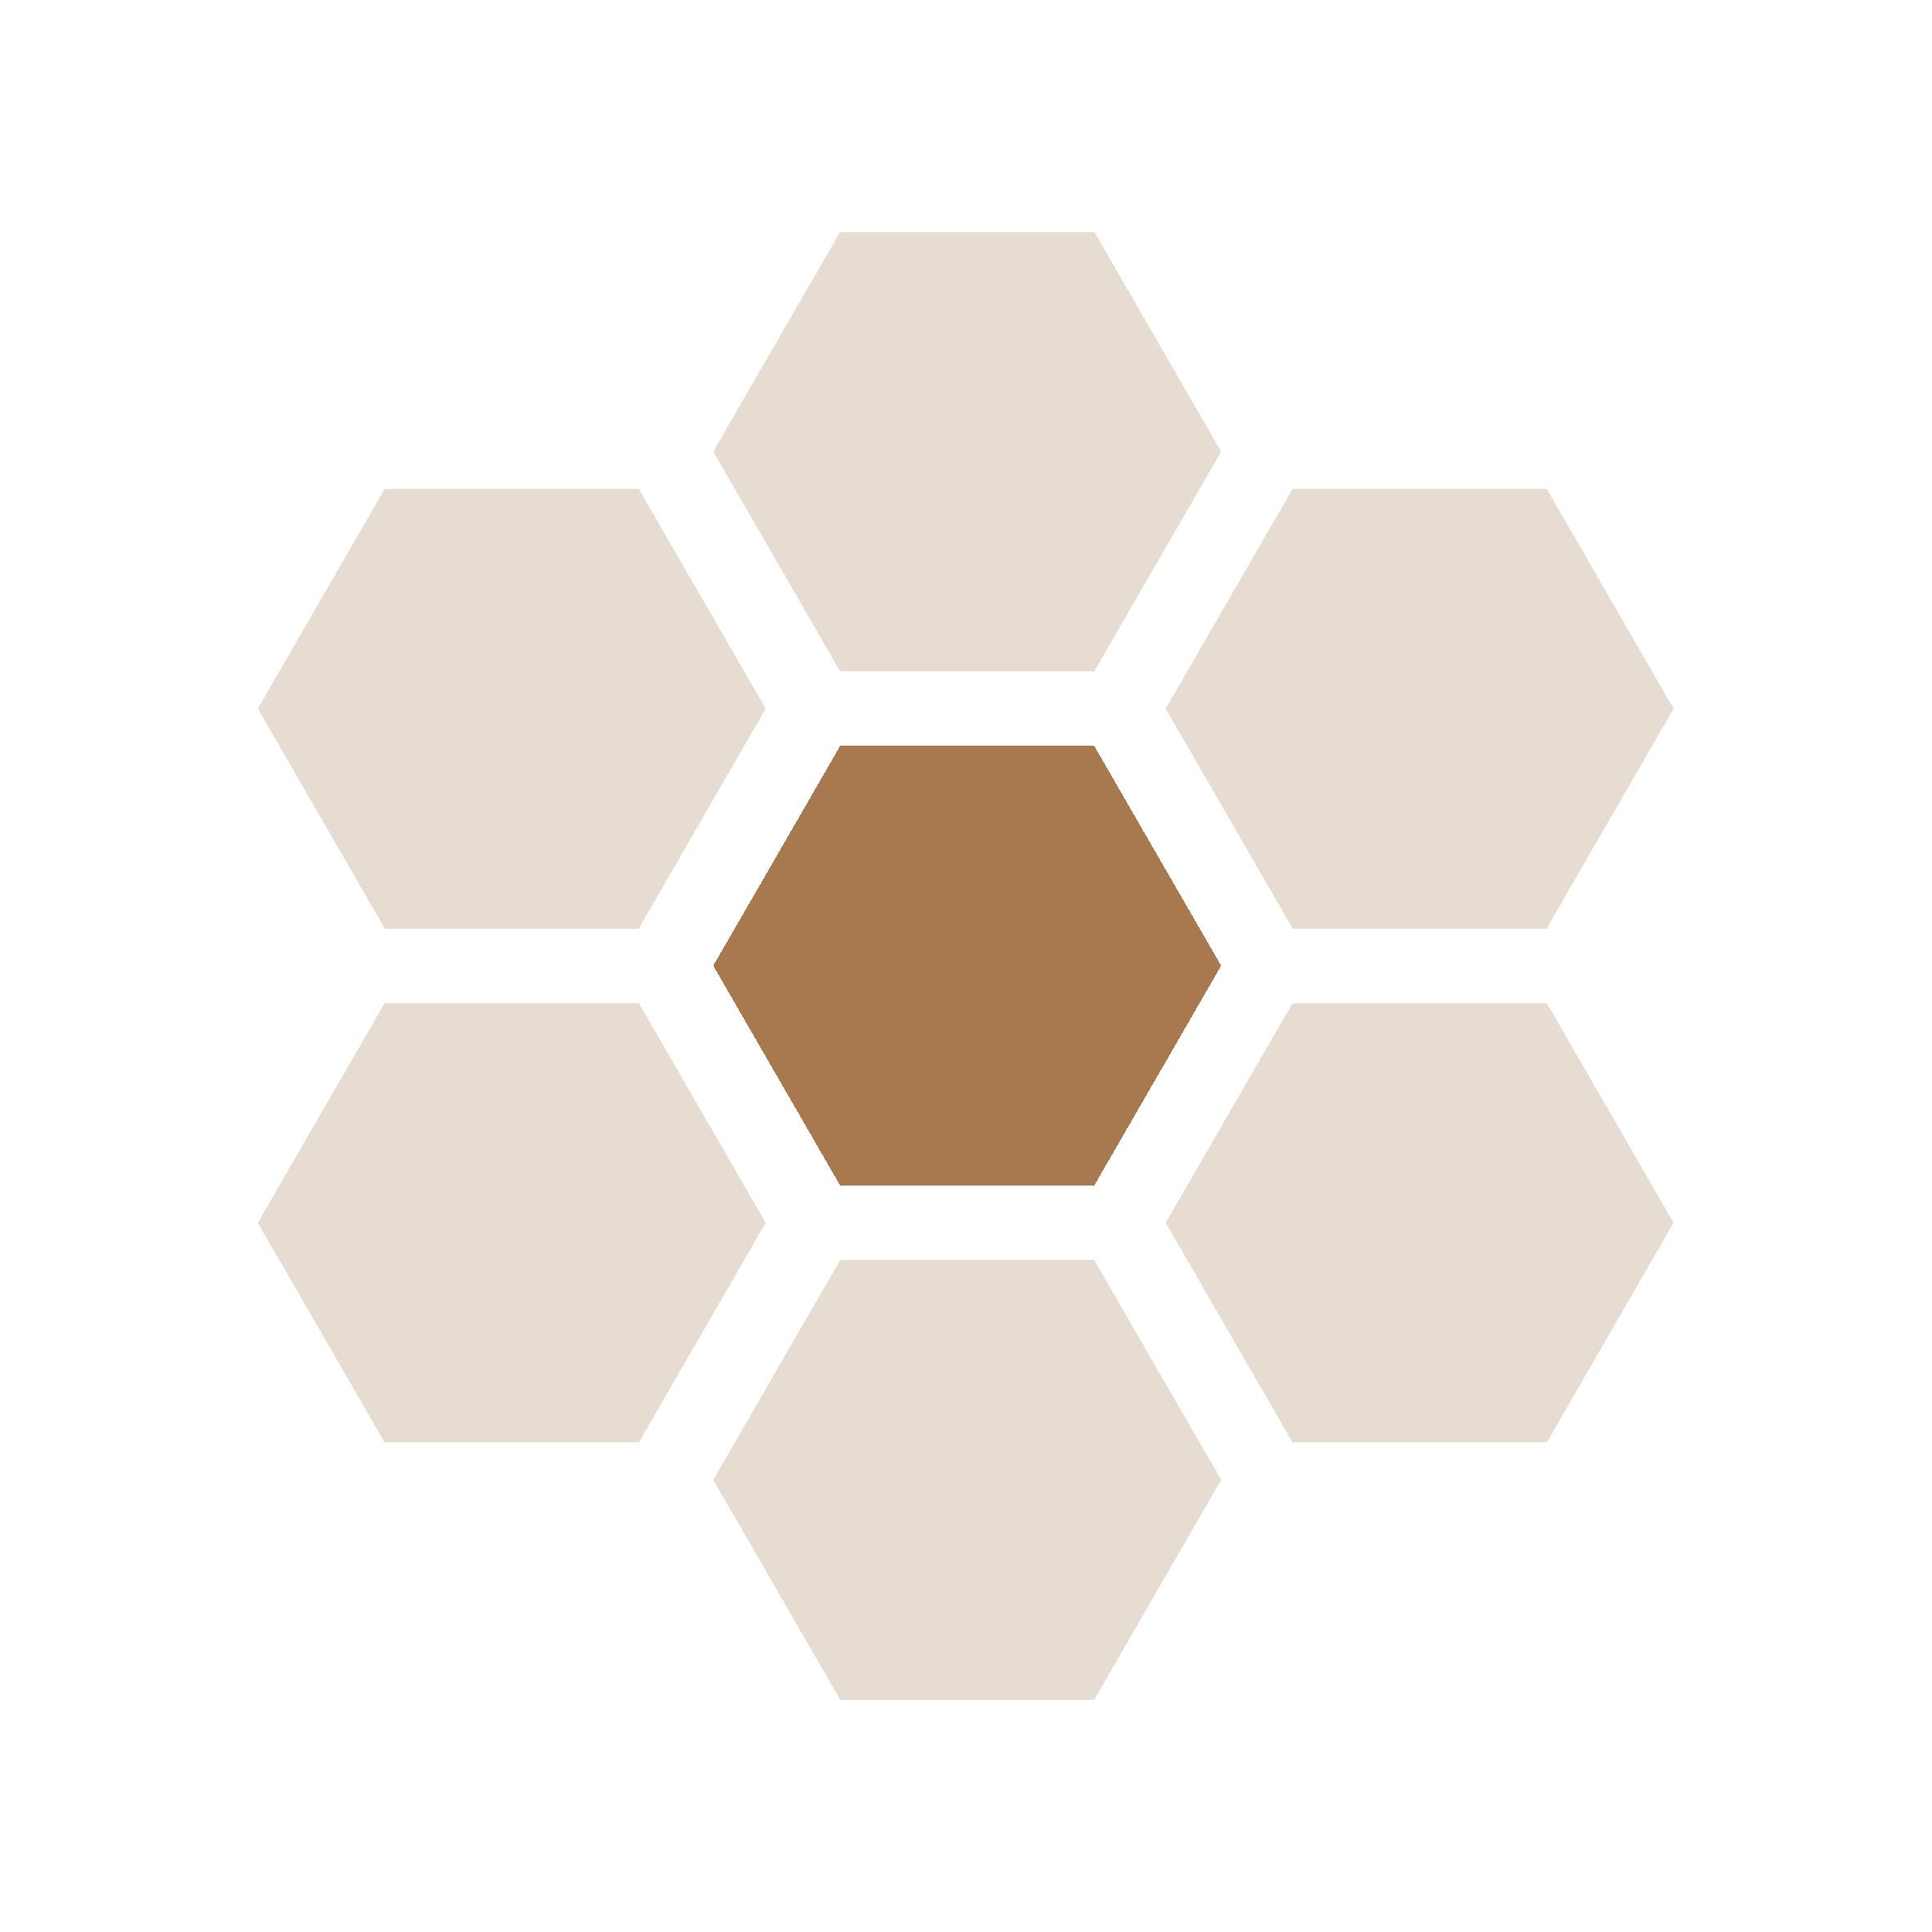 1 mio funding icon